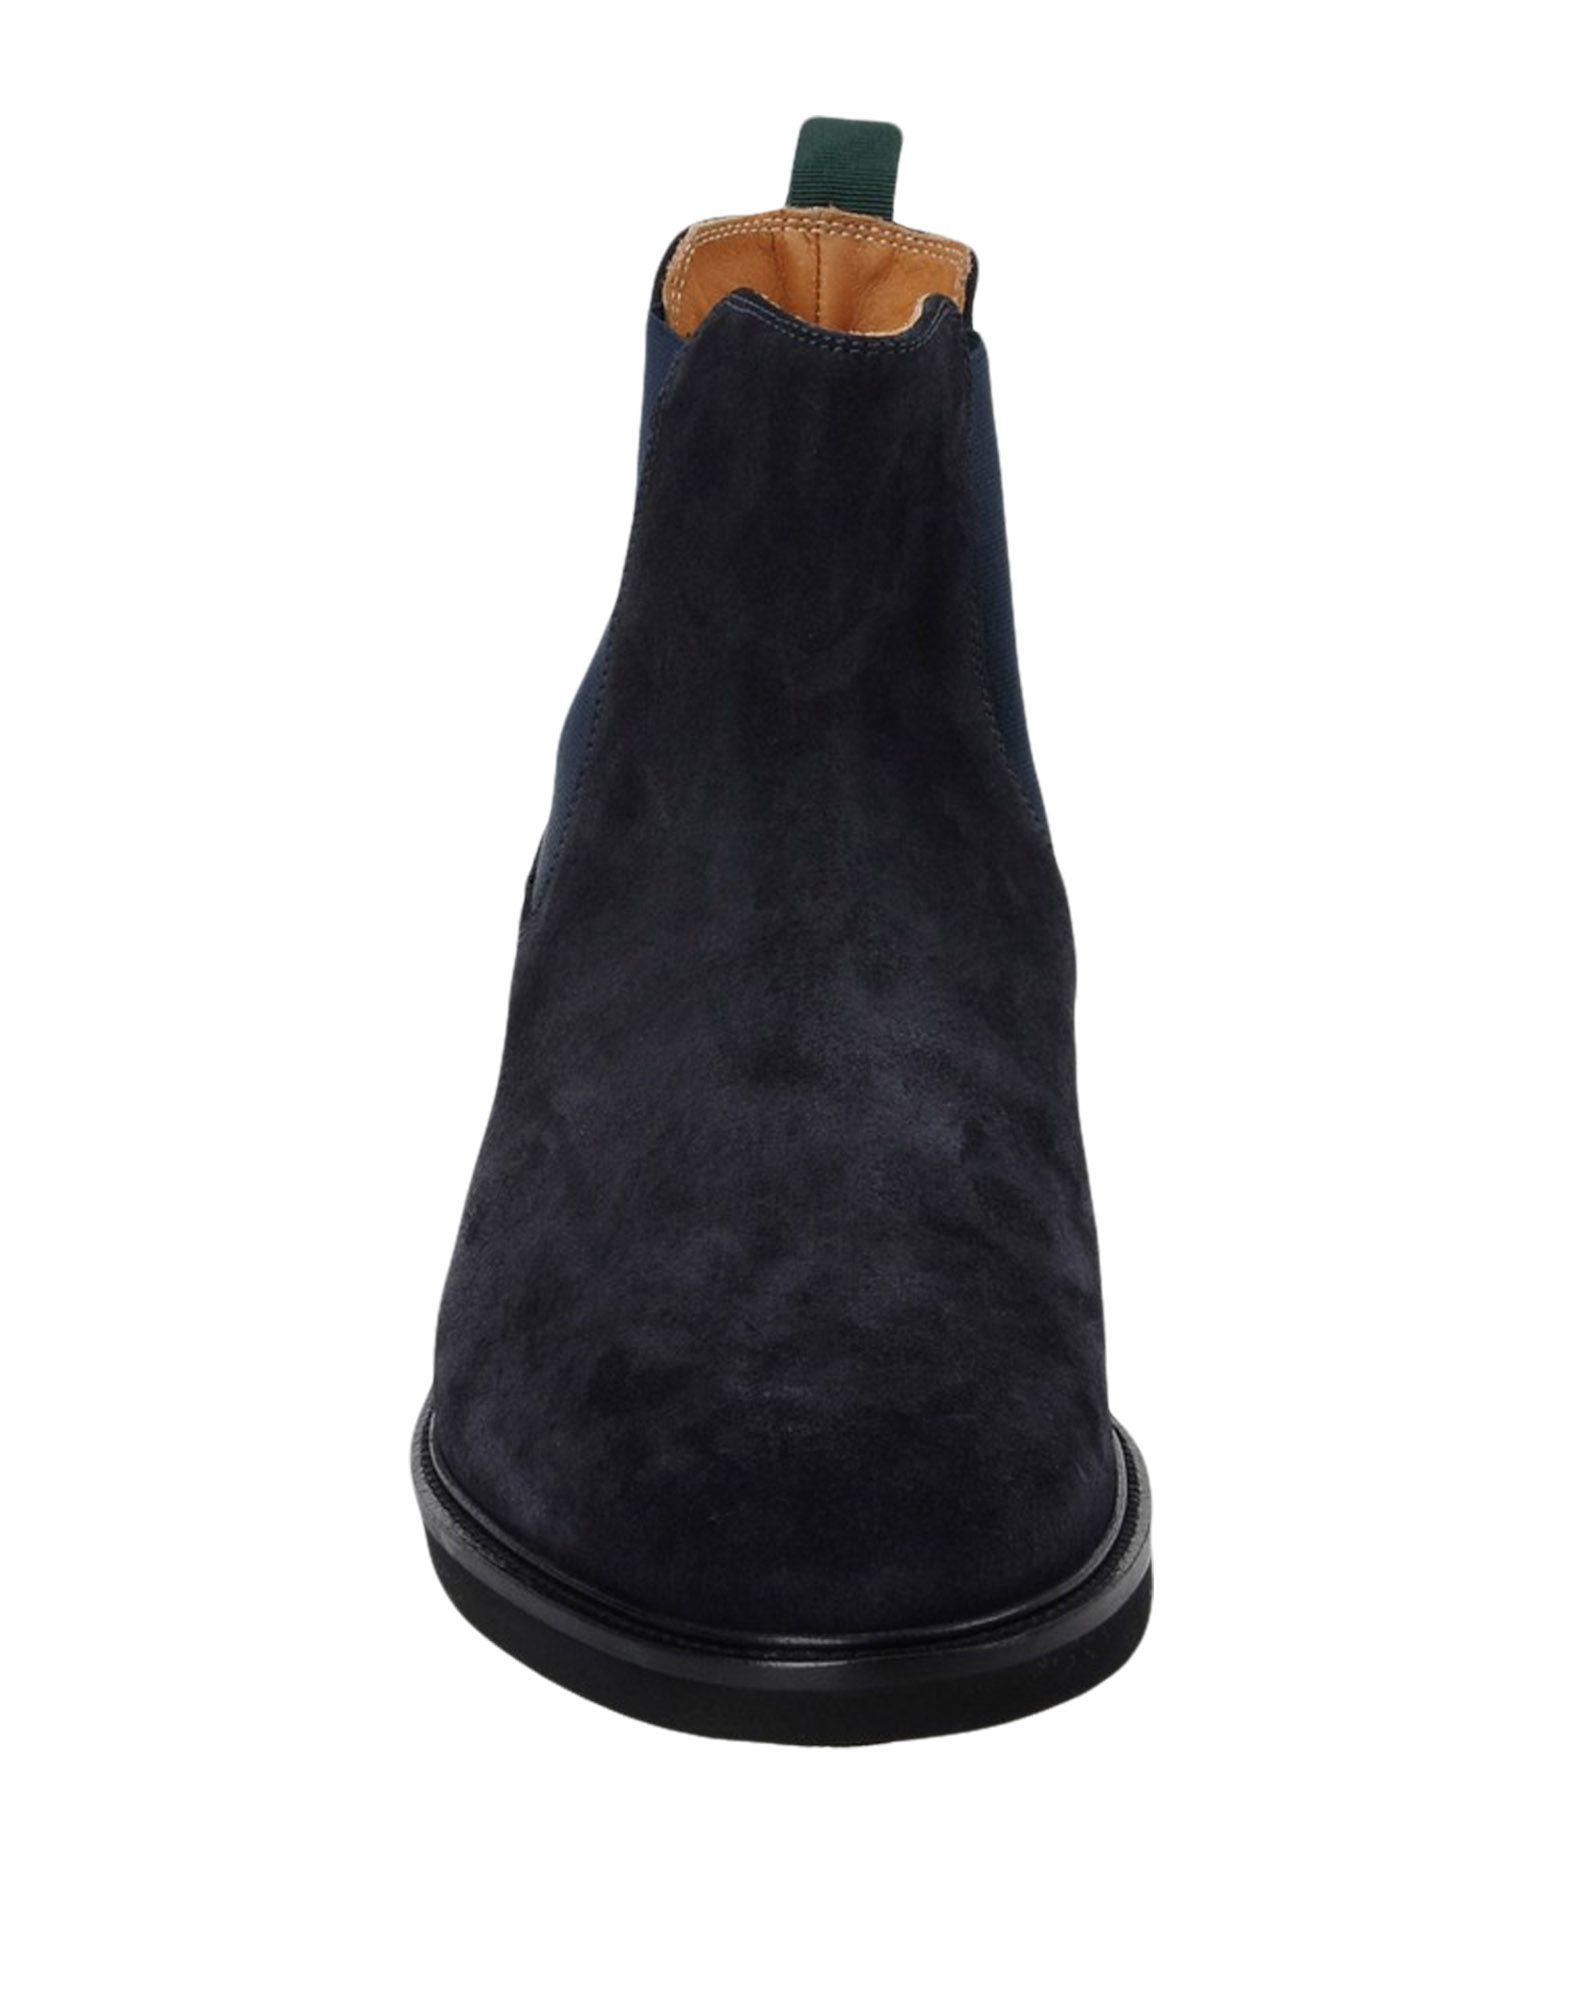 Rabatt echte Herren Schuhe The Willa Stiefelette Herren echte  11330153FI f740b0